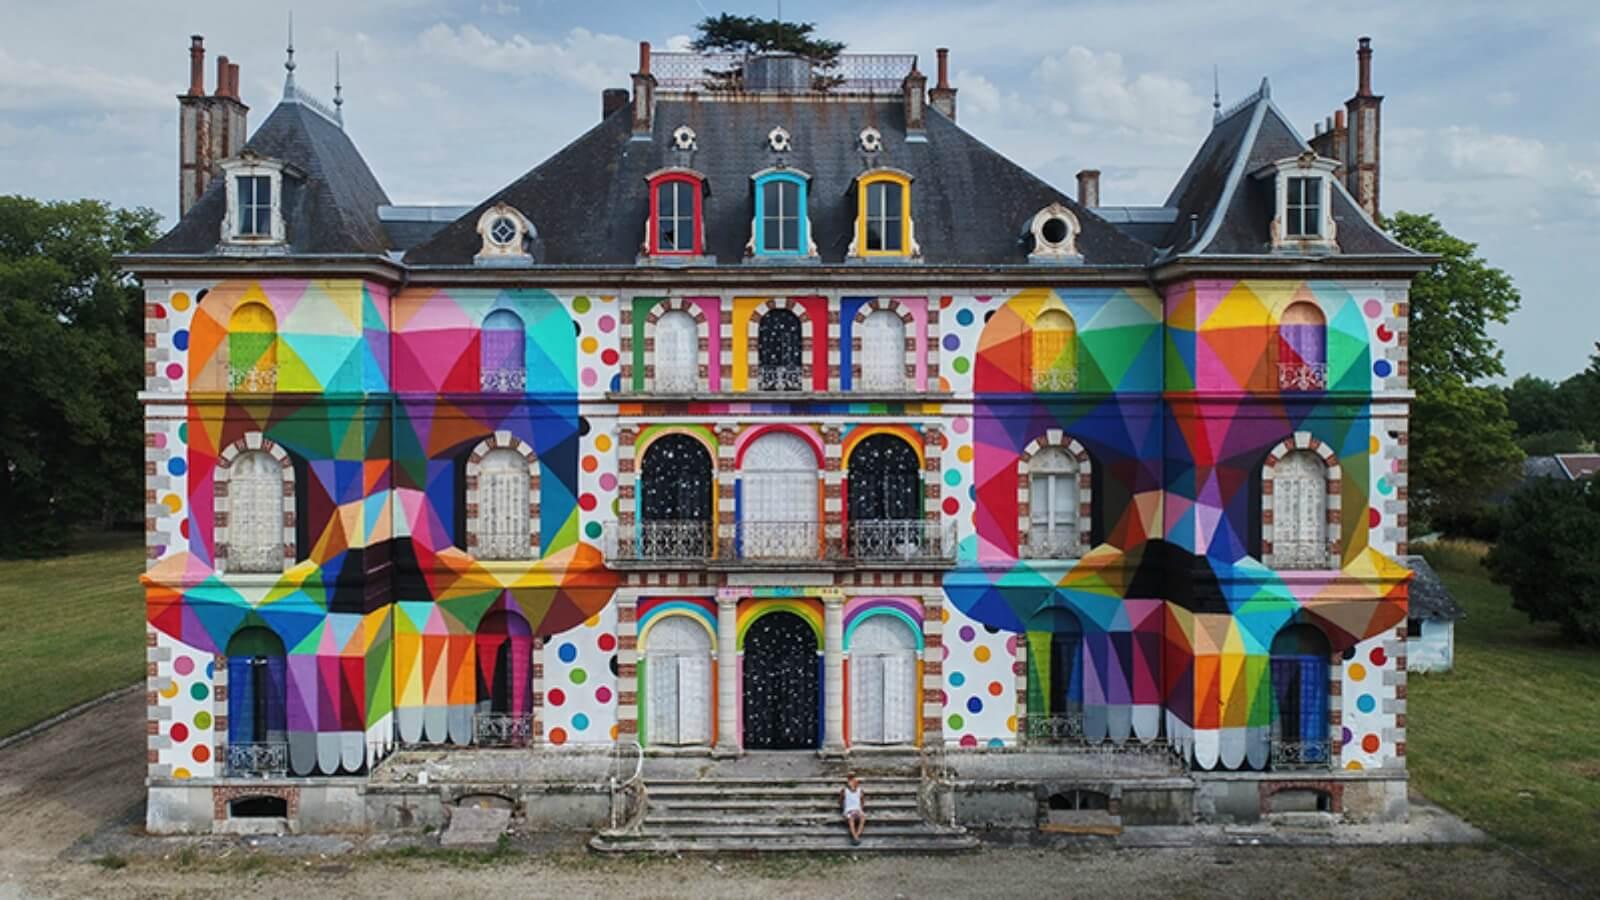 ¡Okuda interviene castillo abandonado en Francia!?